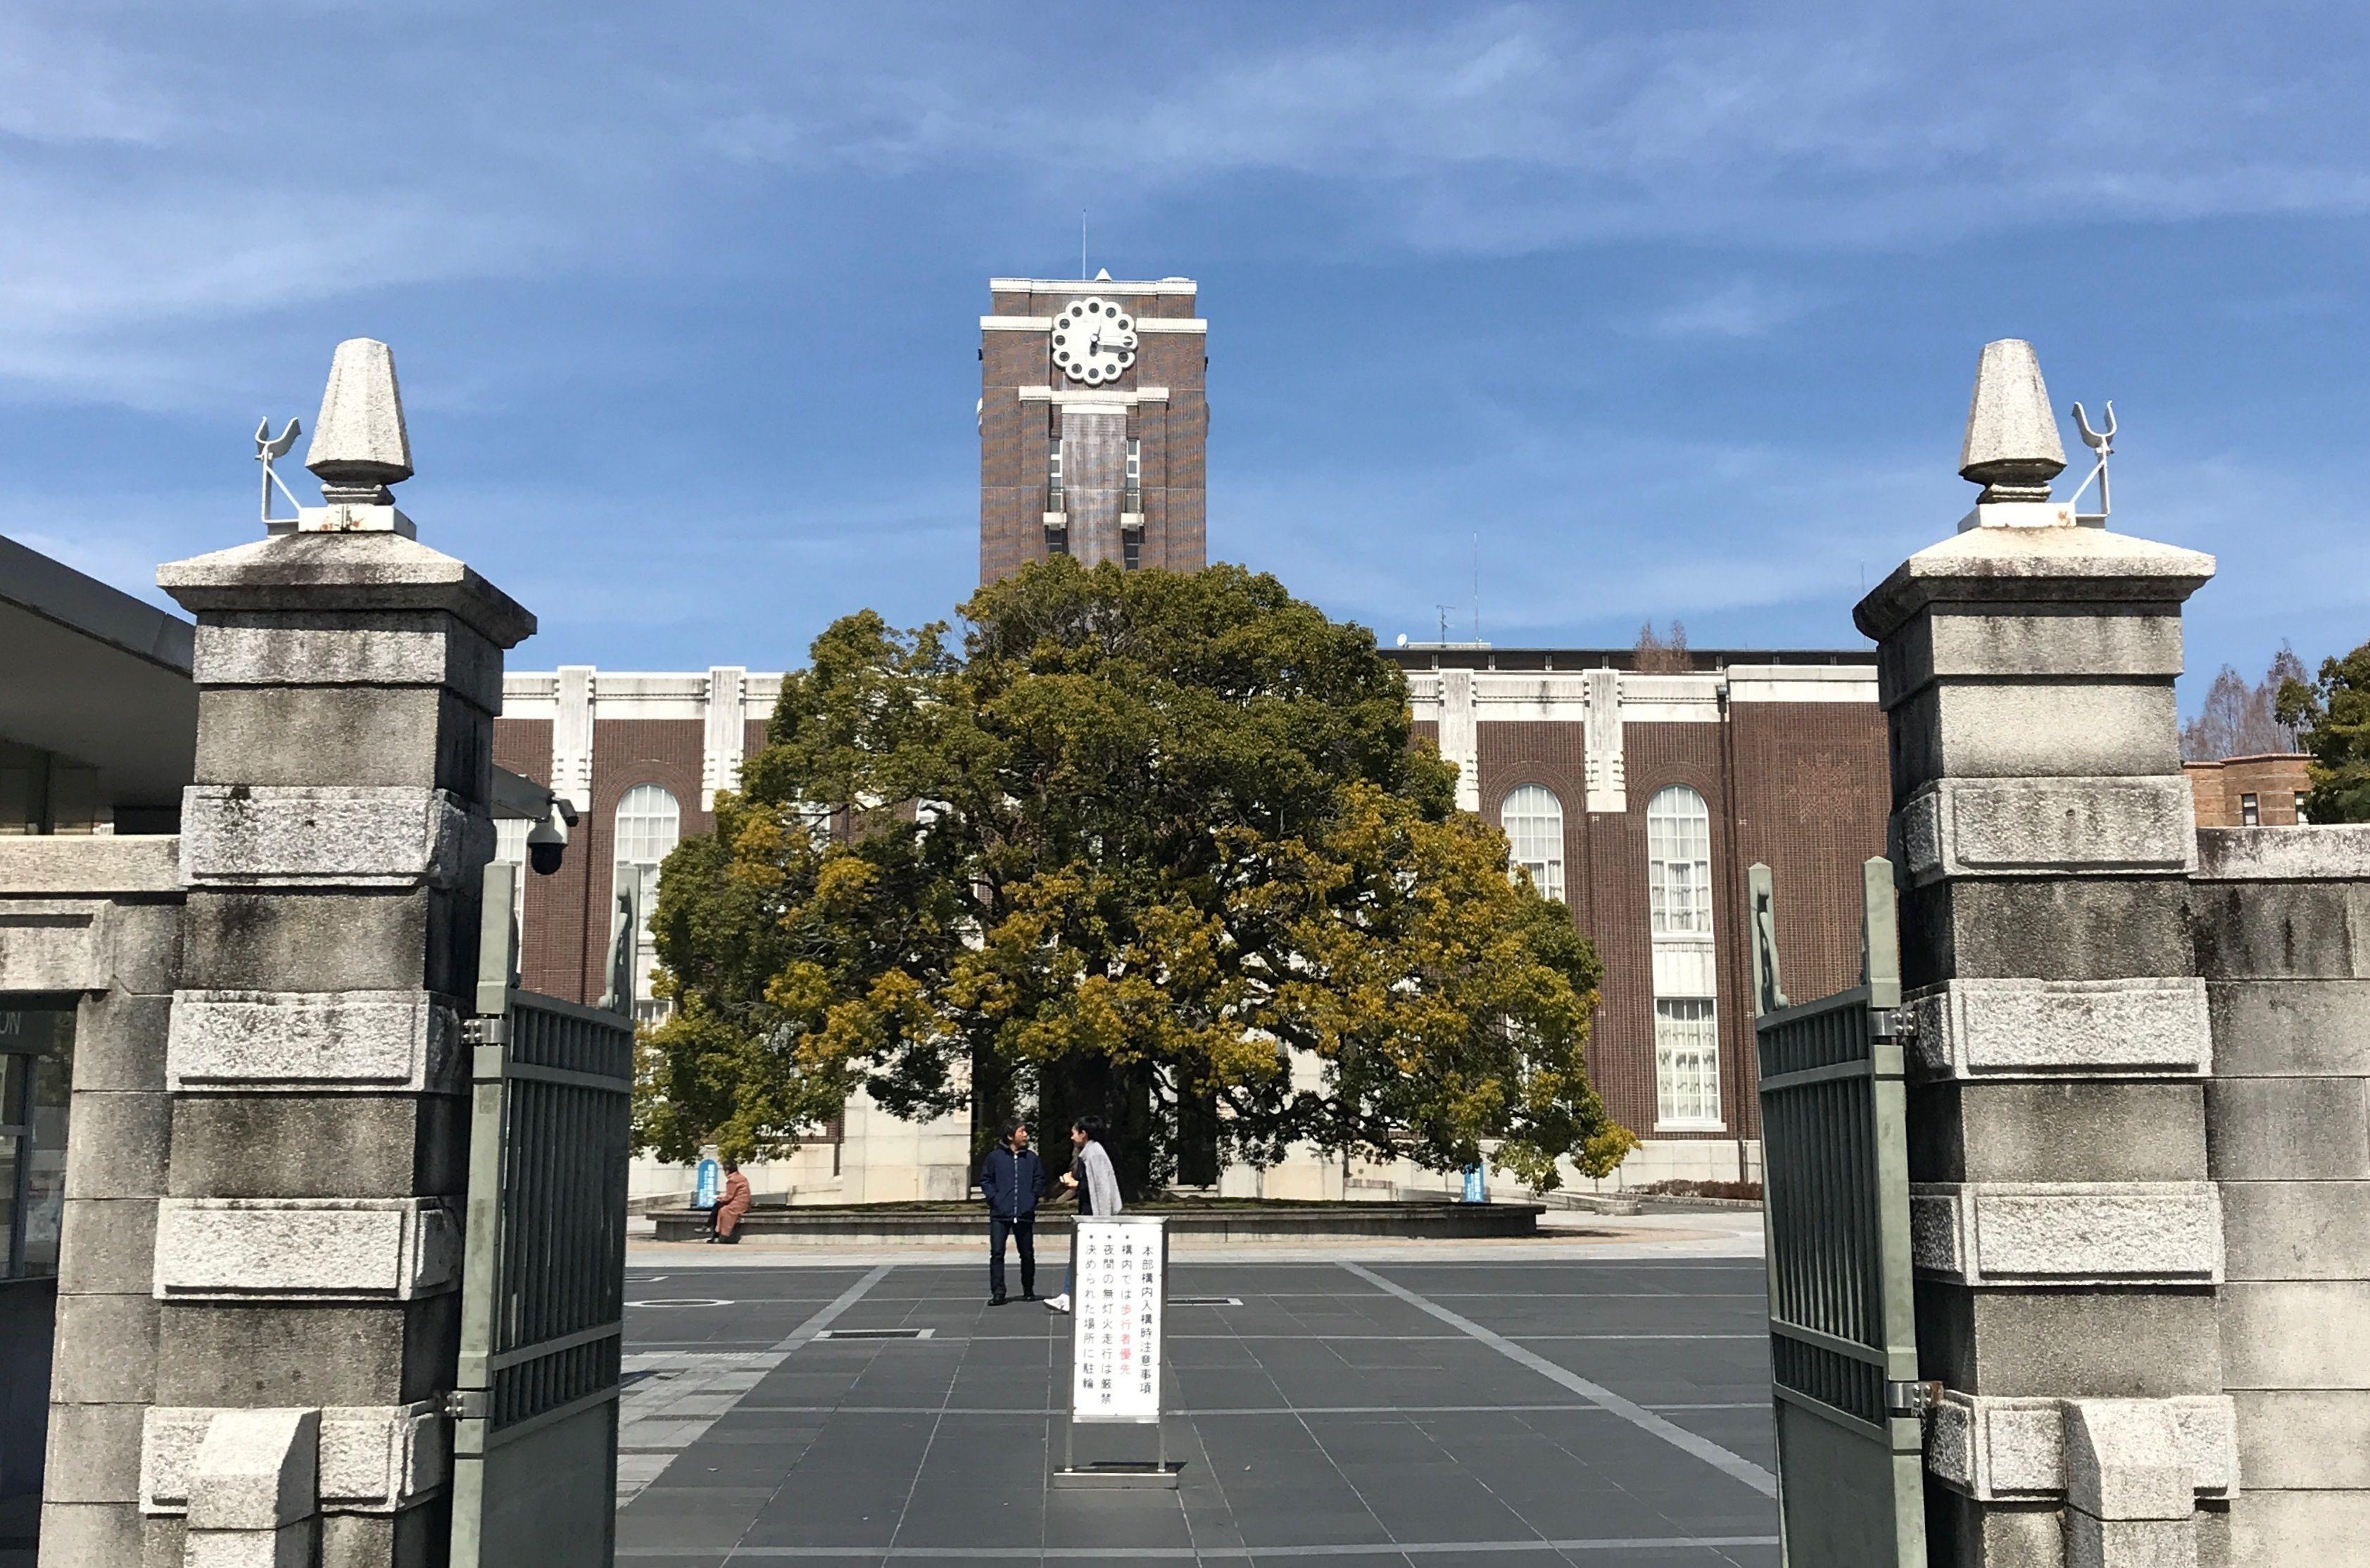 中小企業に協力的な大学上位30校はここだ「日本公庫」が論文掲載